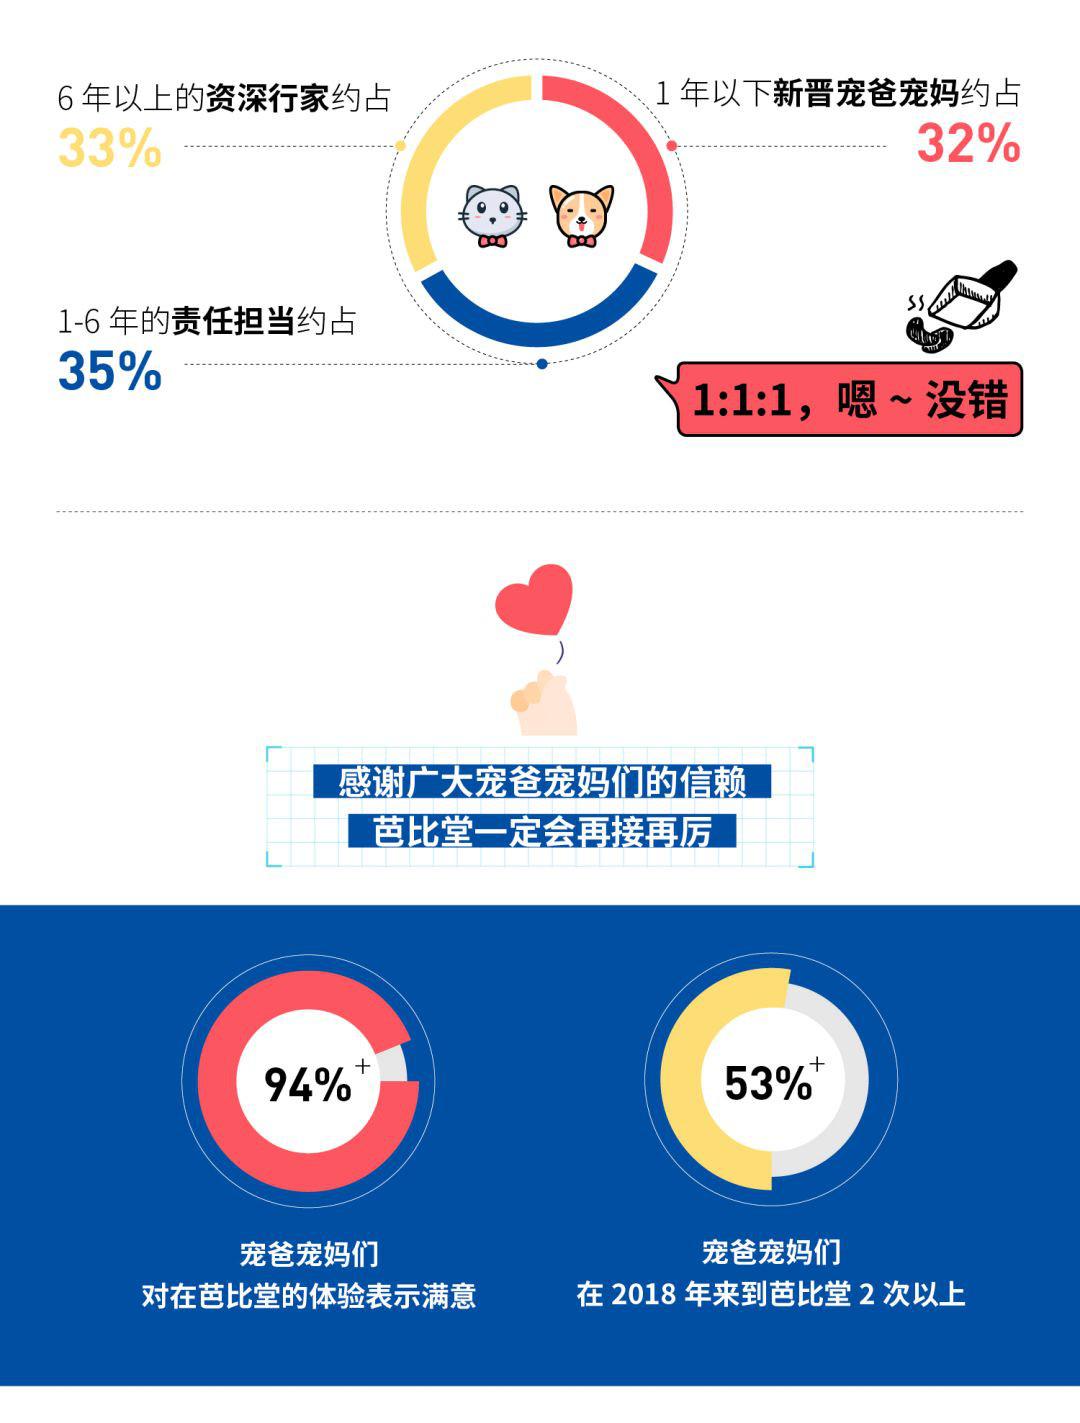 乐动体育投注app行业大数据